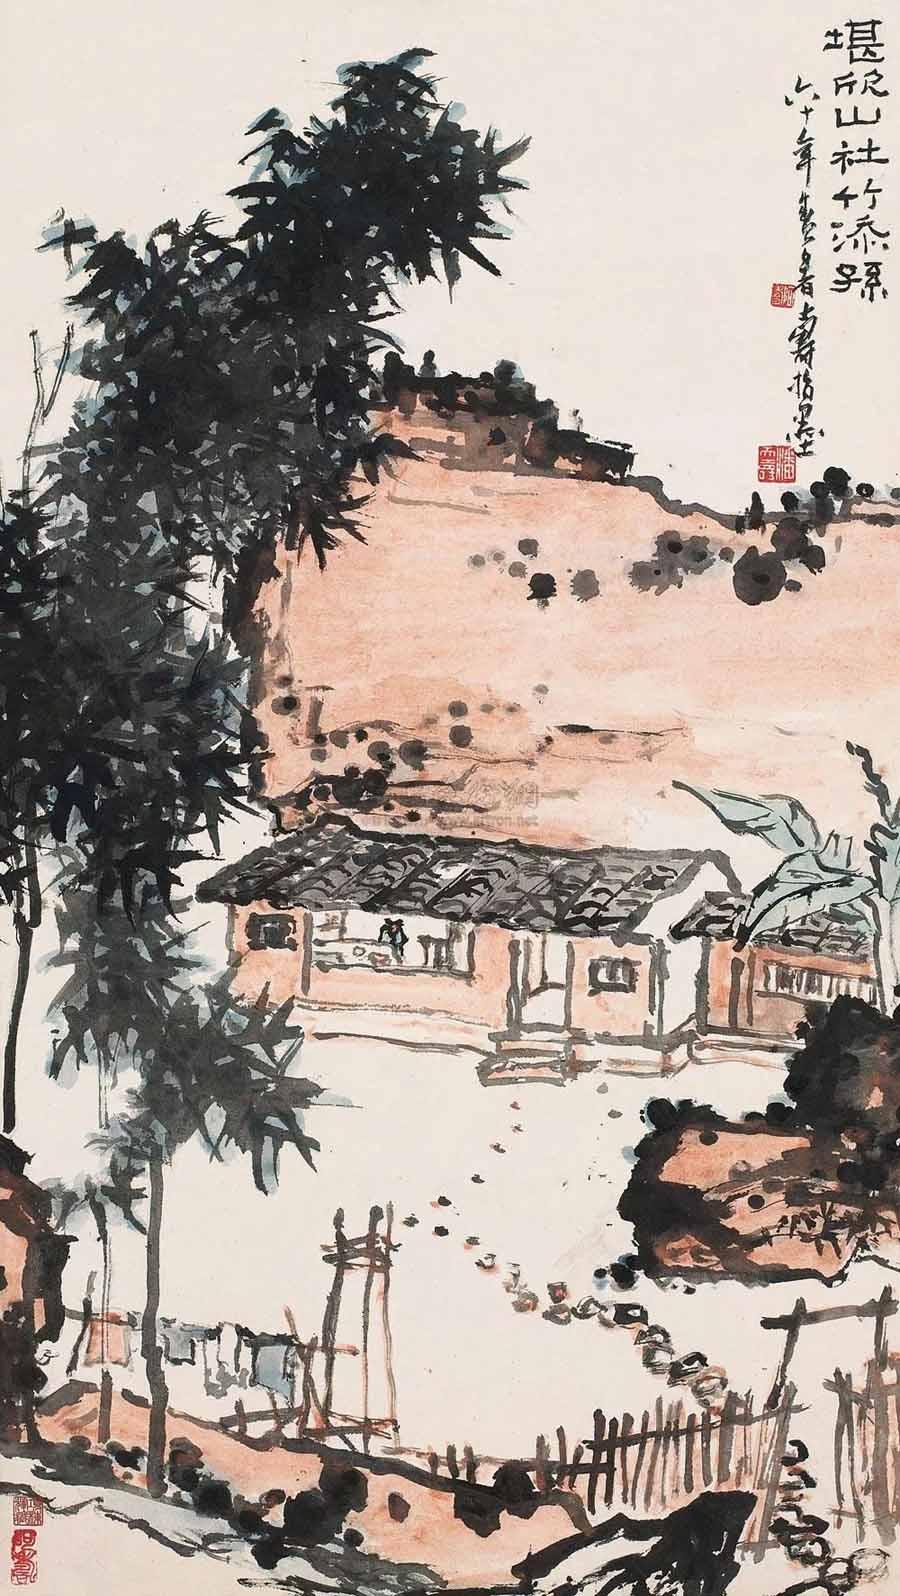 潘天寿 1960年作 《堪欣山社竹添孙》 72.5×41cm